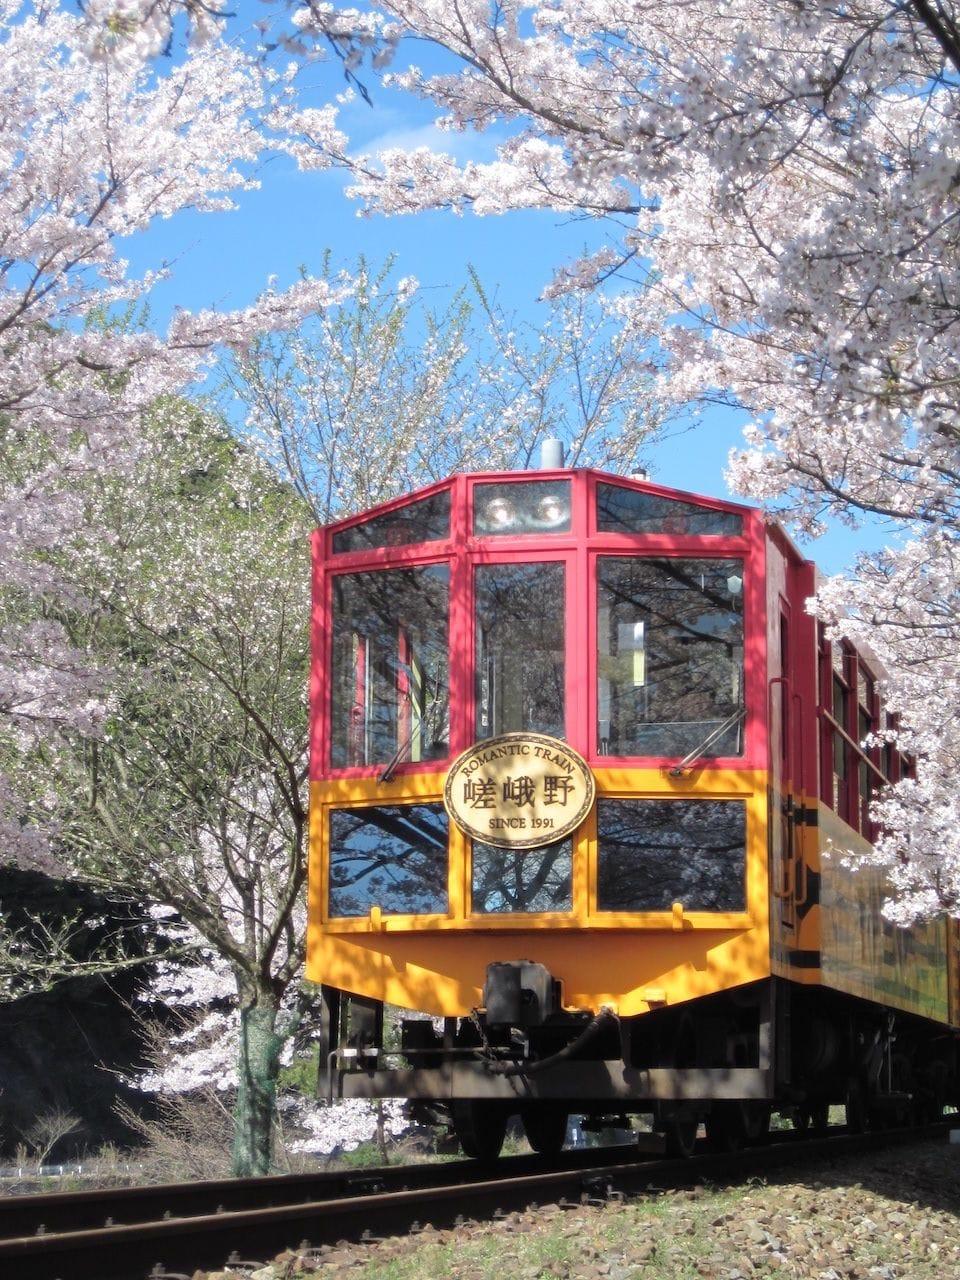 京都でゆっくりお花見を楽しみたい方必見!京都・亀岡のお花見スポット5選